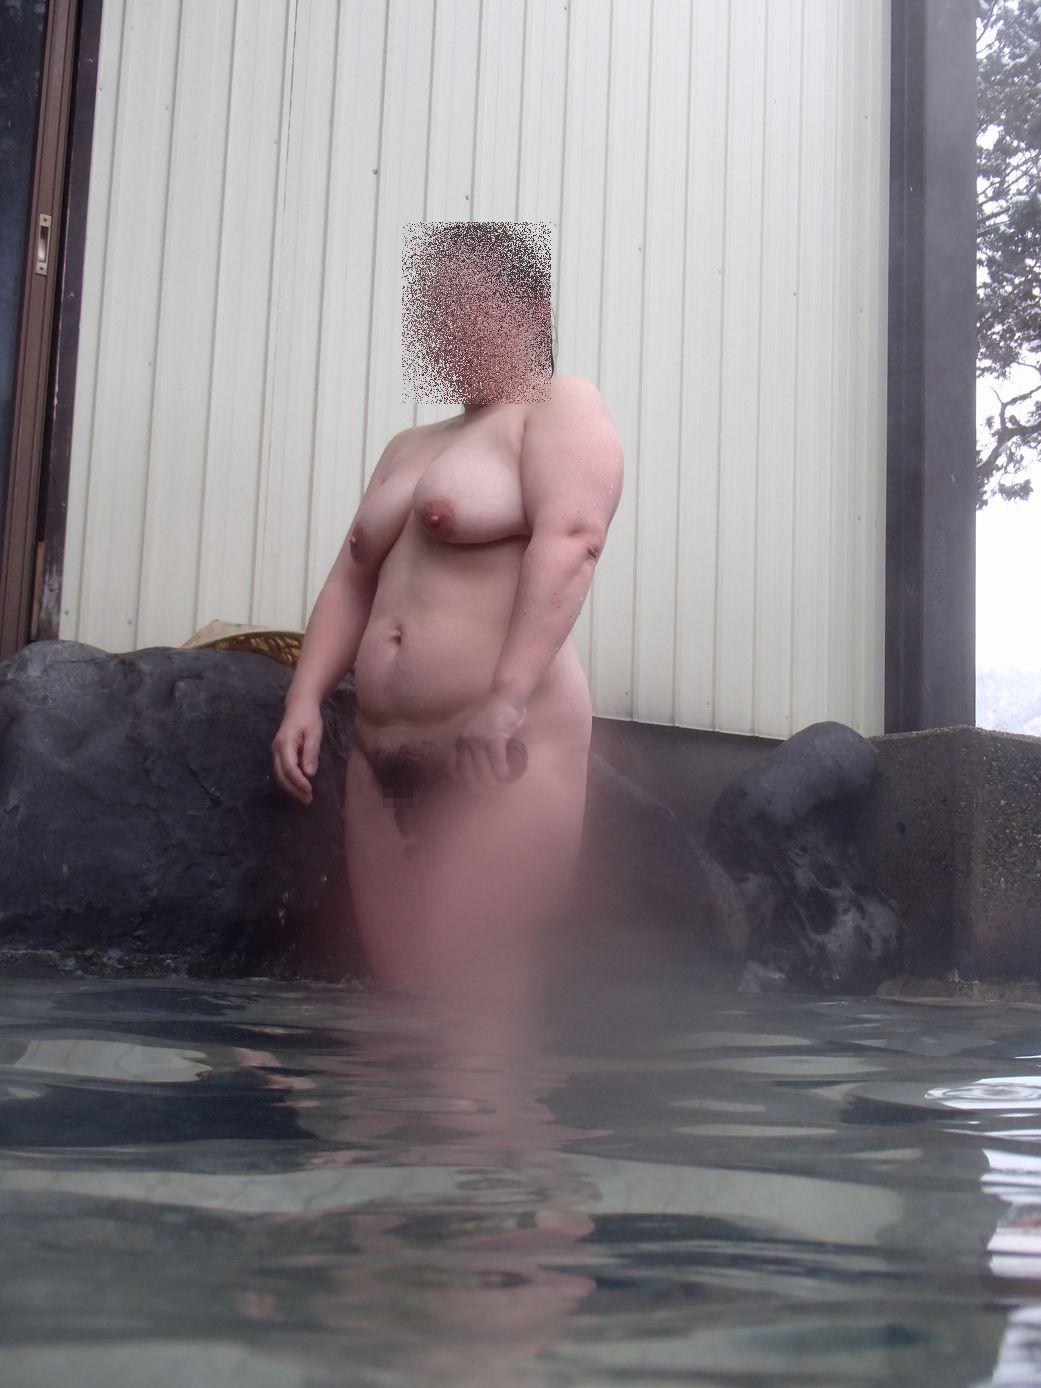 貸し切り露天風呂で彼女とエッチなことしてる素人エロ画像 1965